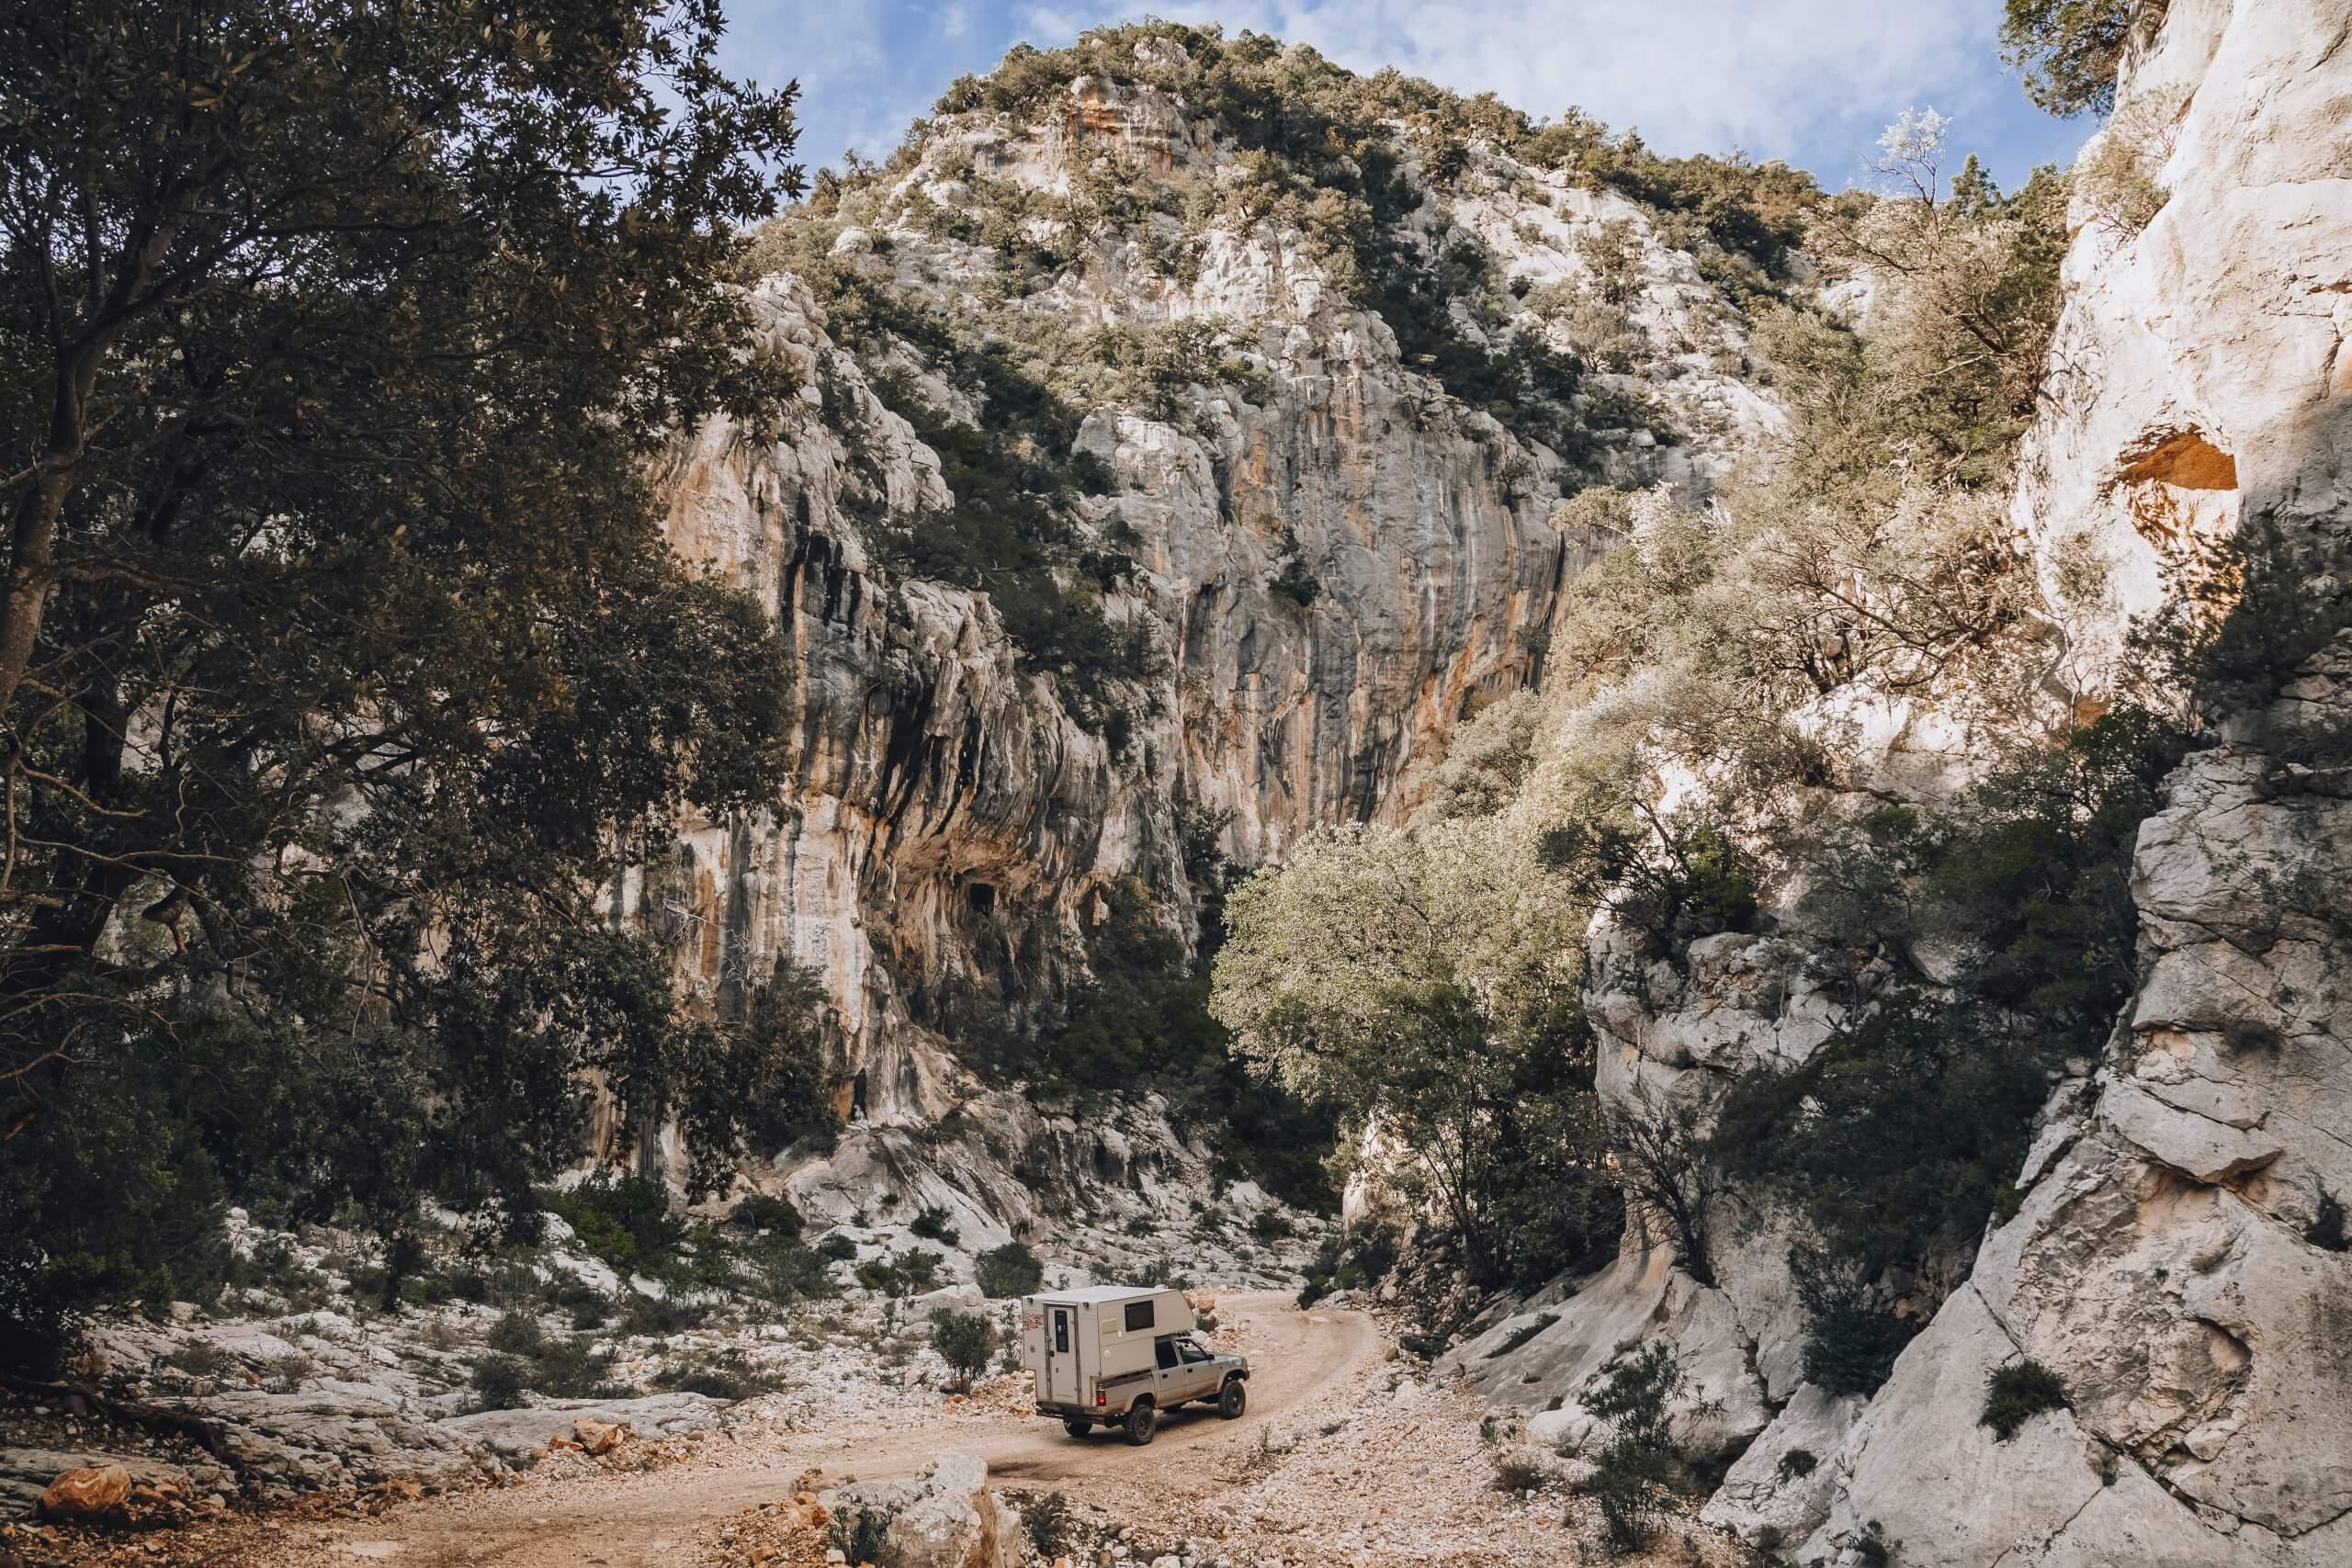 abenteuerliche Offroadtour zur Cala Sisine